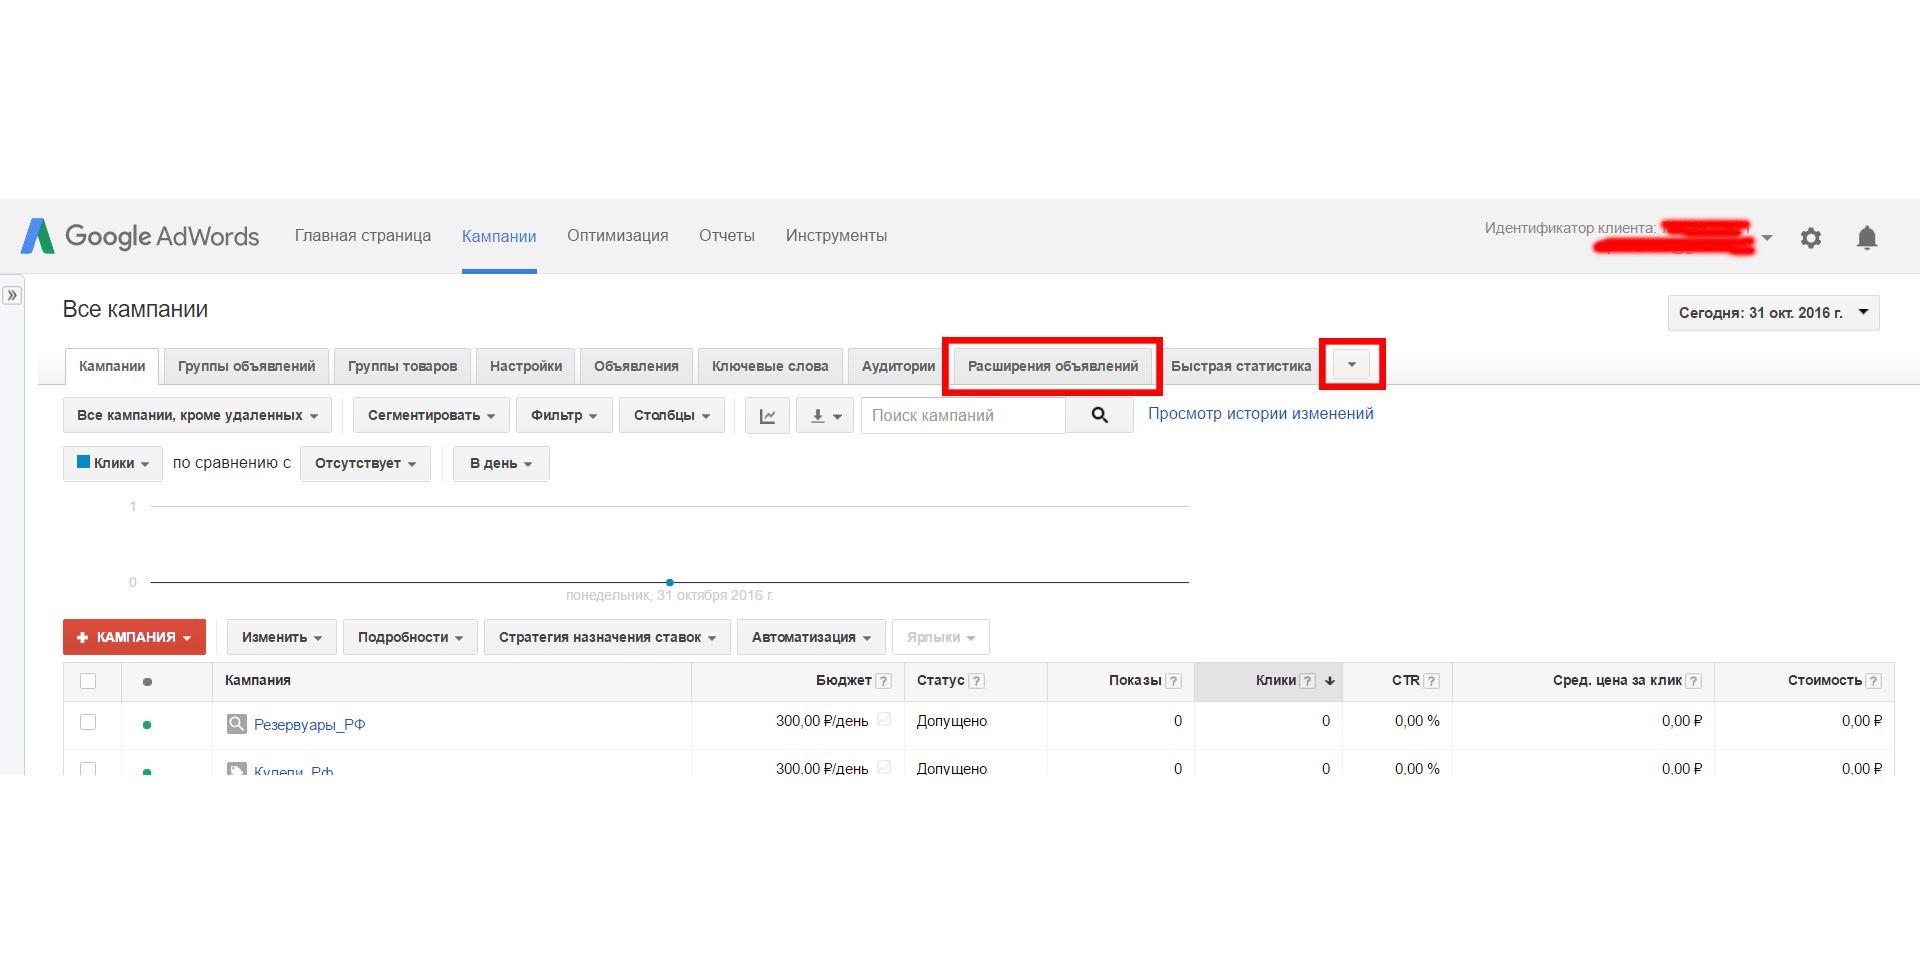 Практические секреты google adwords в интернете есть реклама мебельной фабрики ангстрем